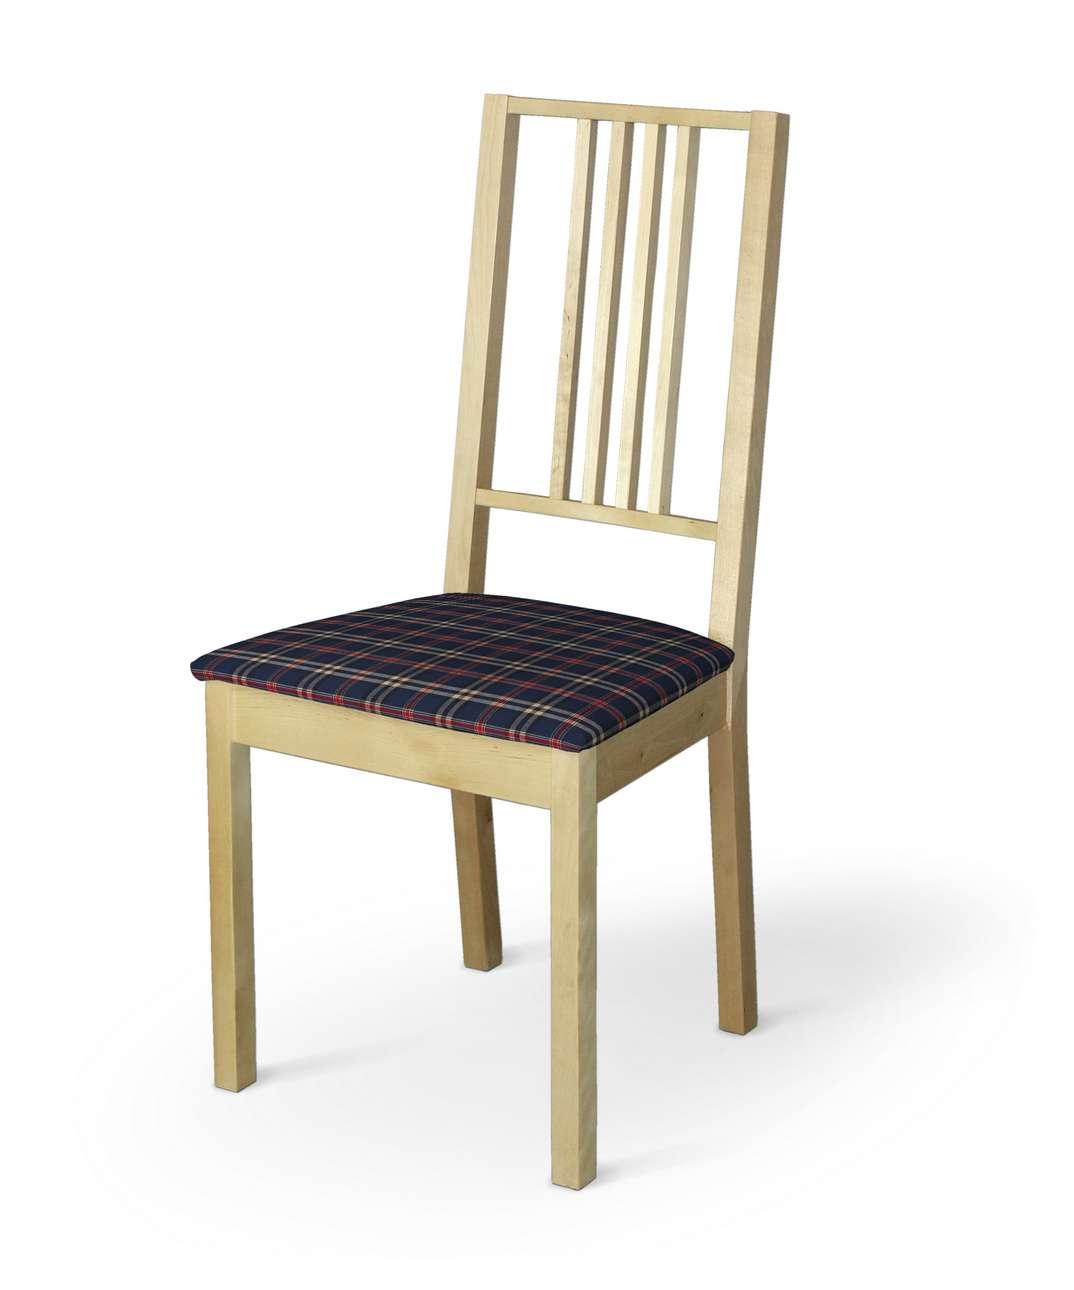 Pokrowiec na siedzisko Börje w kolekcji Bristol, tkanina: 142-68